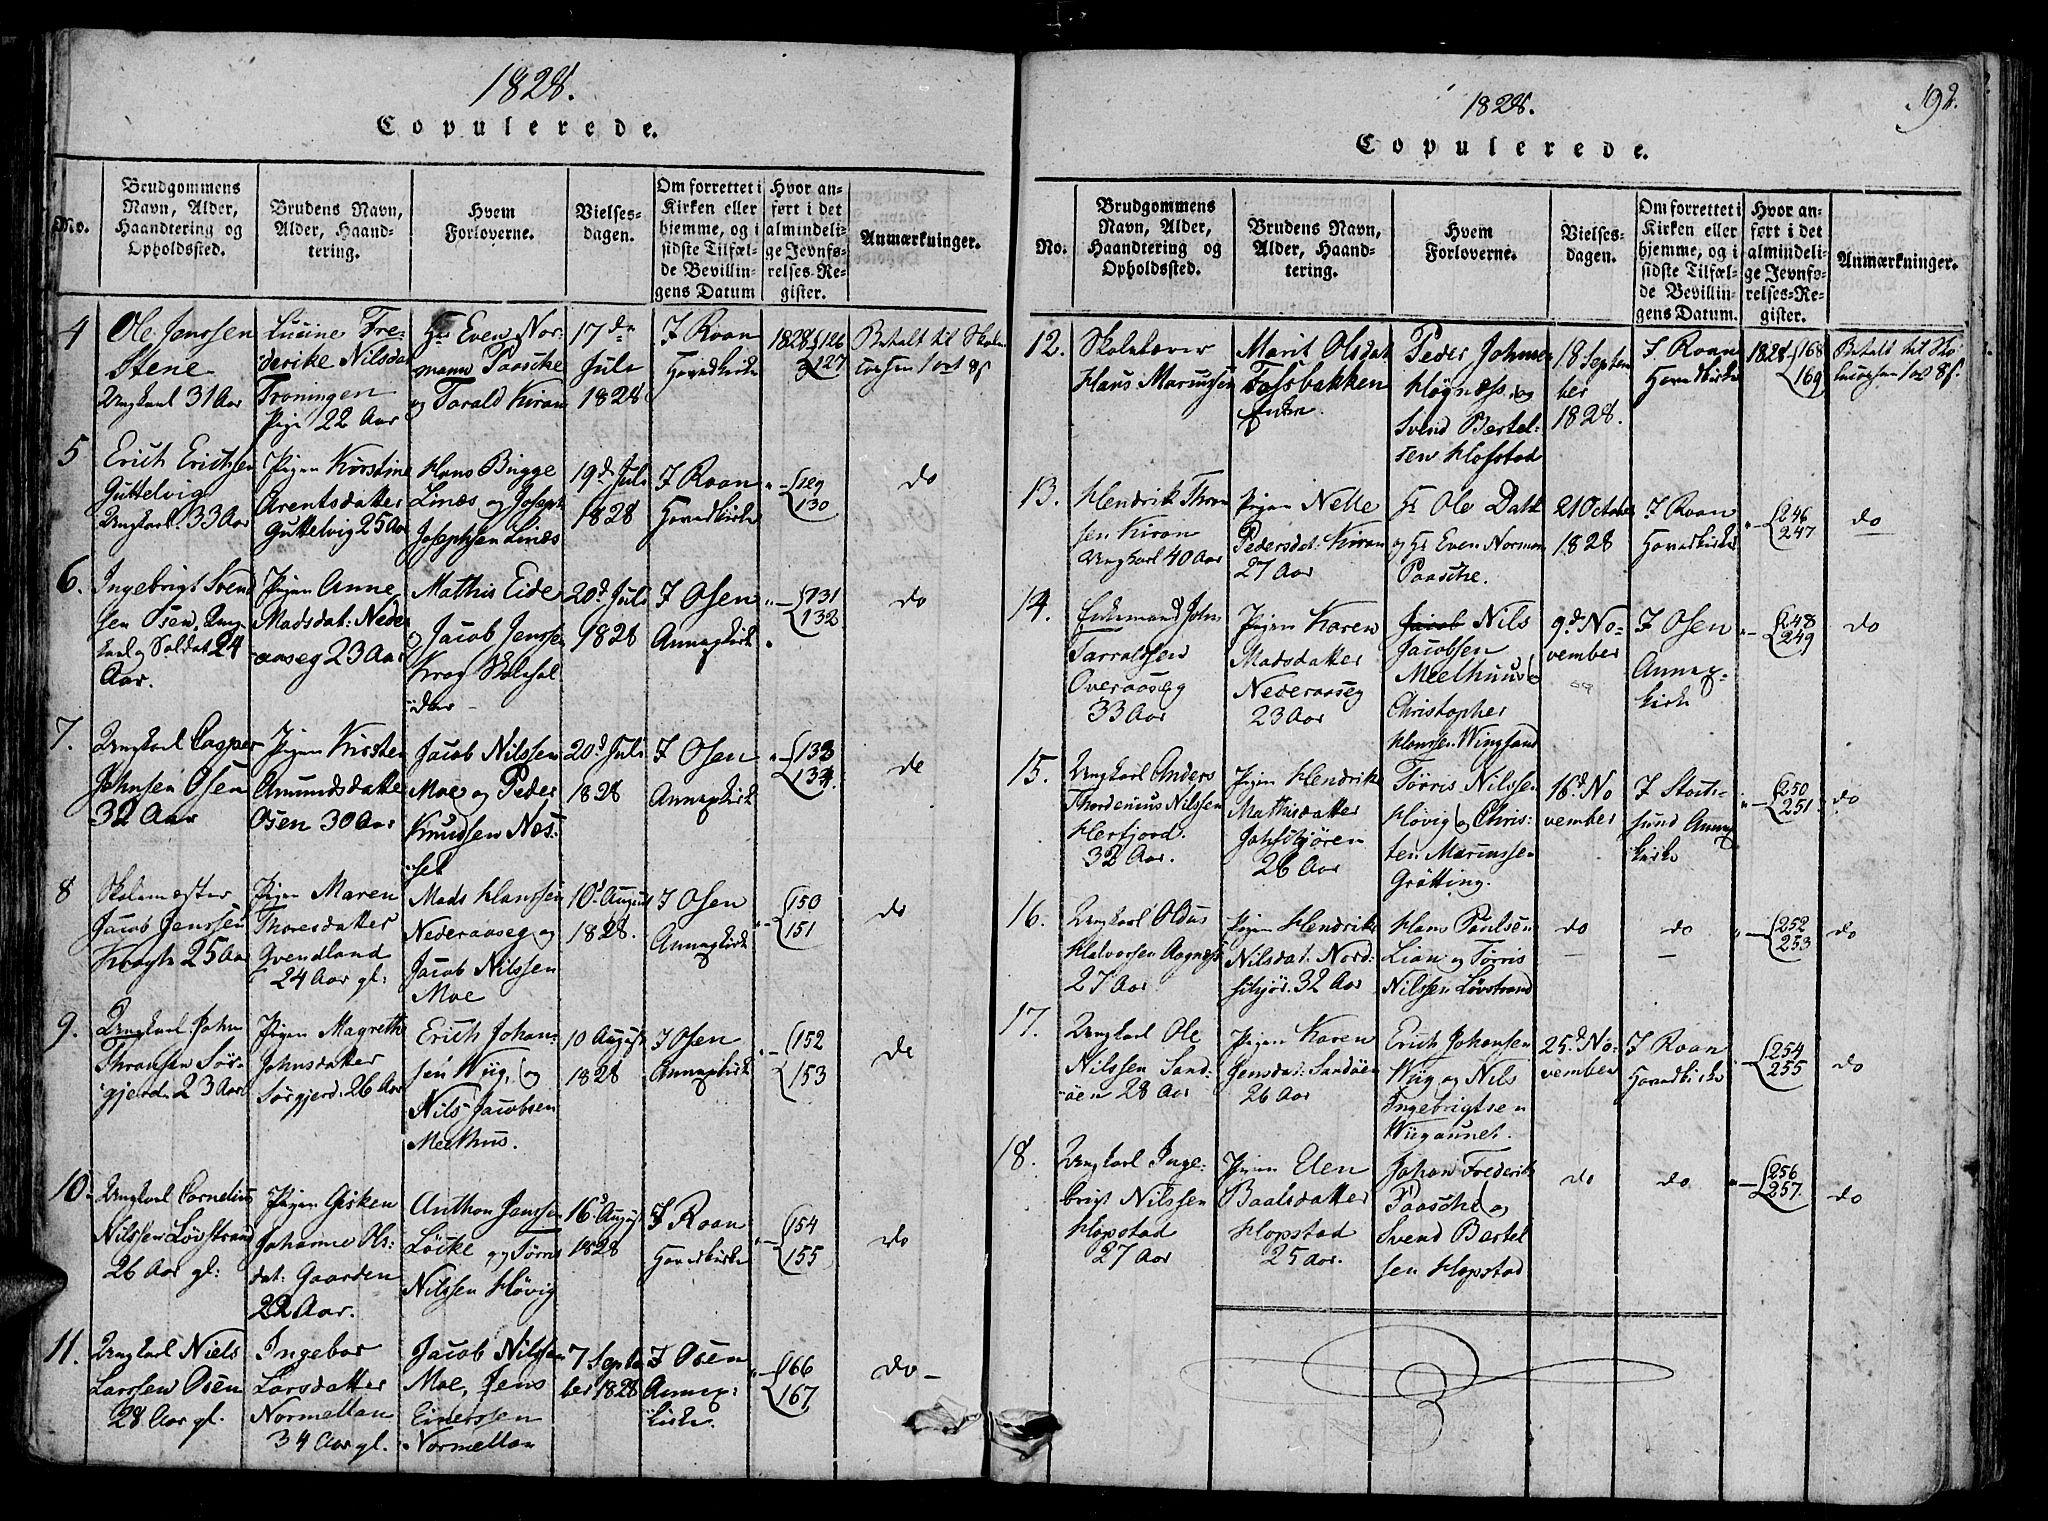 SAT, Ministerialprotokoller, klokkerbøker og fødselsregistre - Sør-Trøndelag, 657/L0702: Ministerialbok nr. 657A03, 1818-1831, s. 192